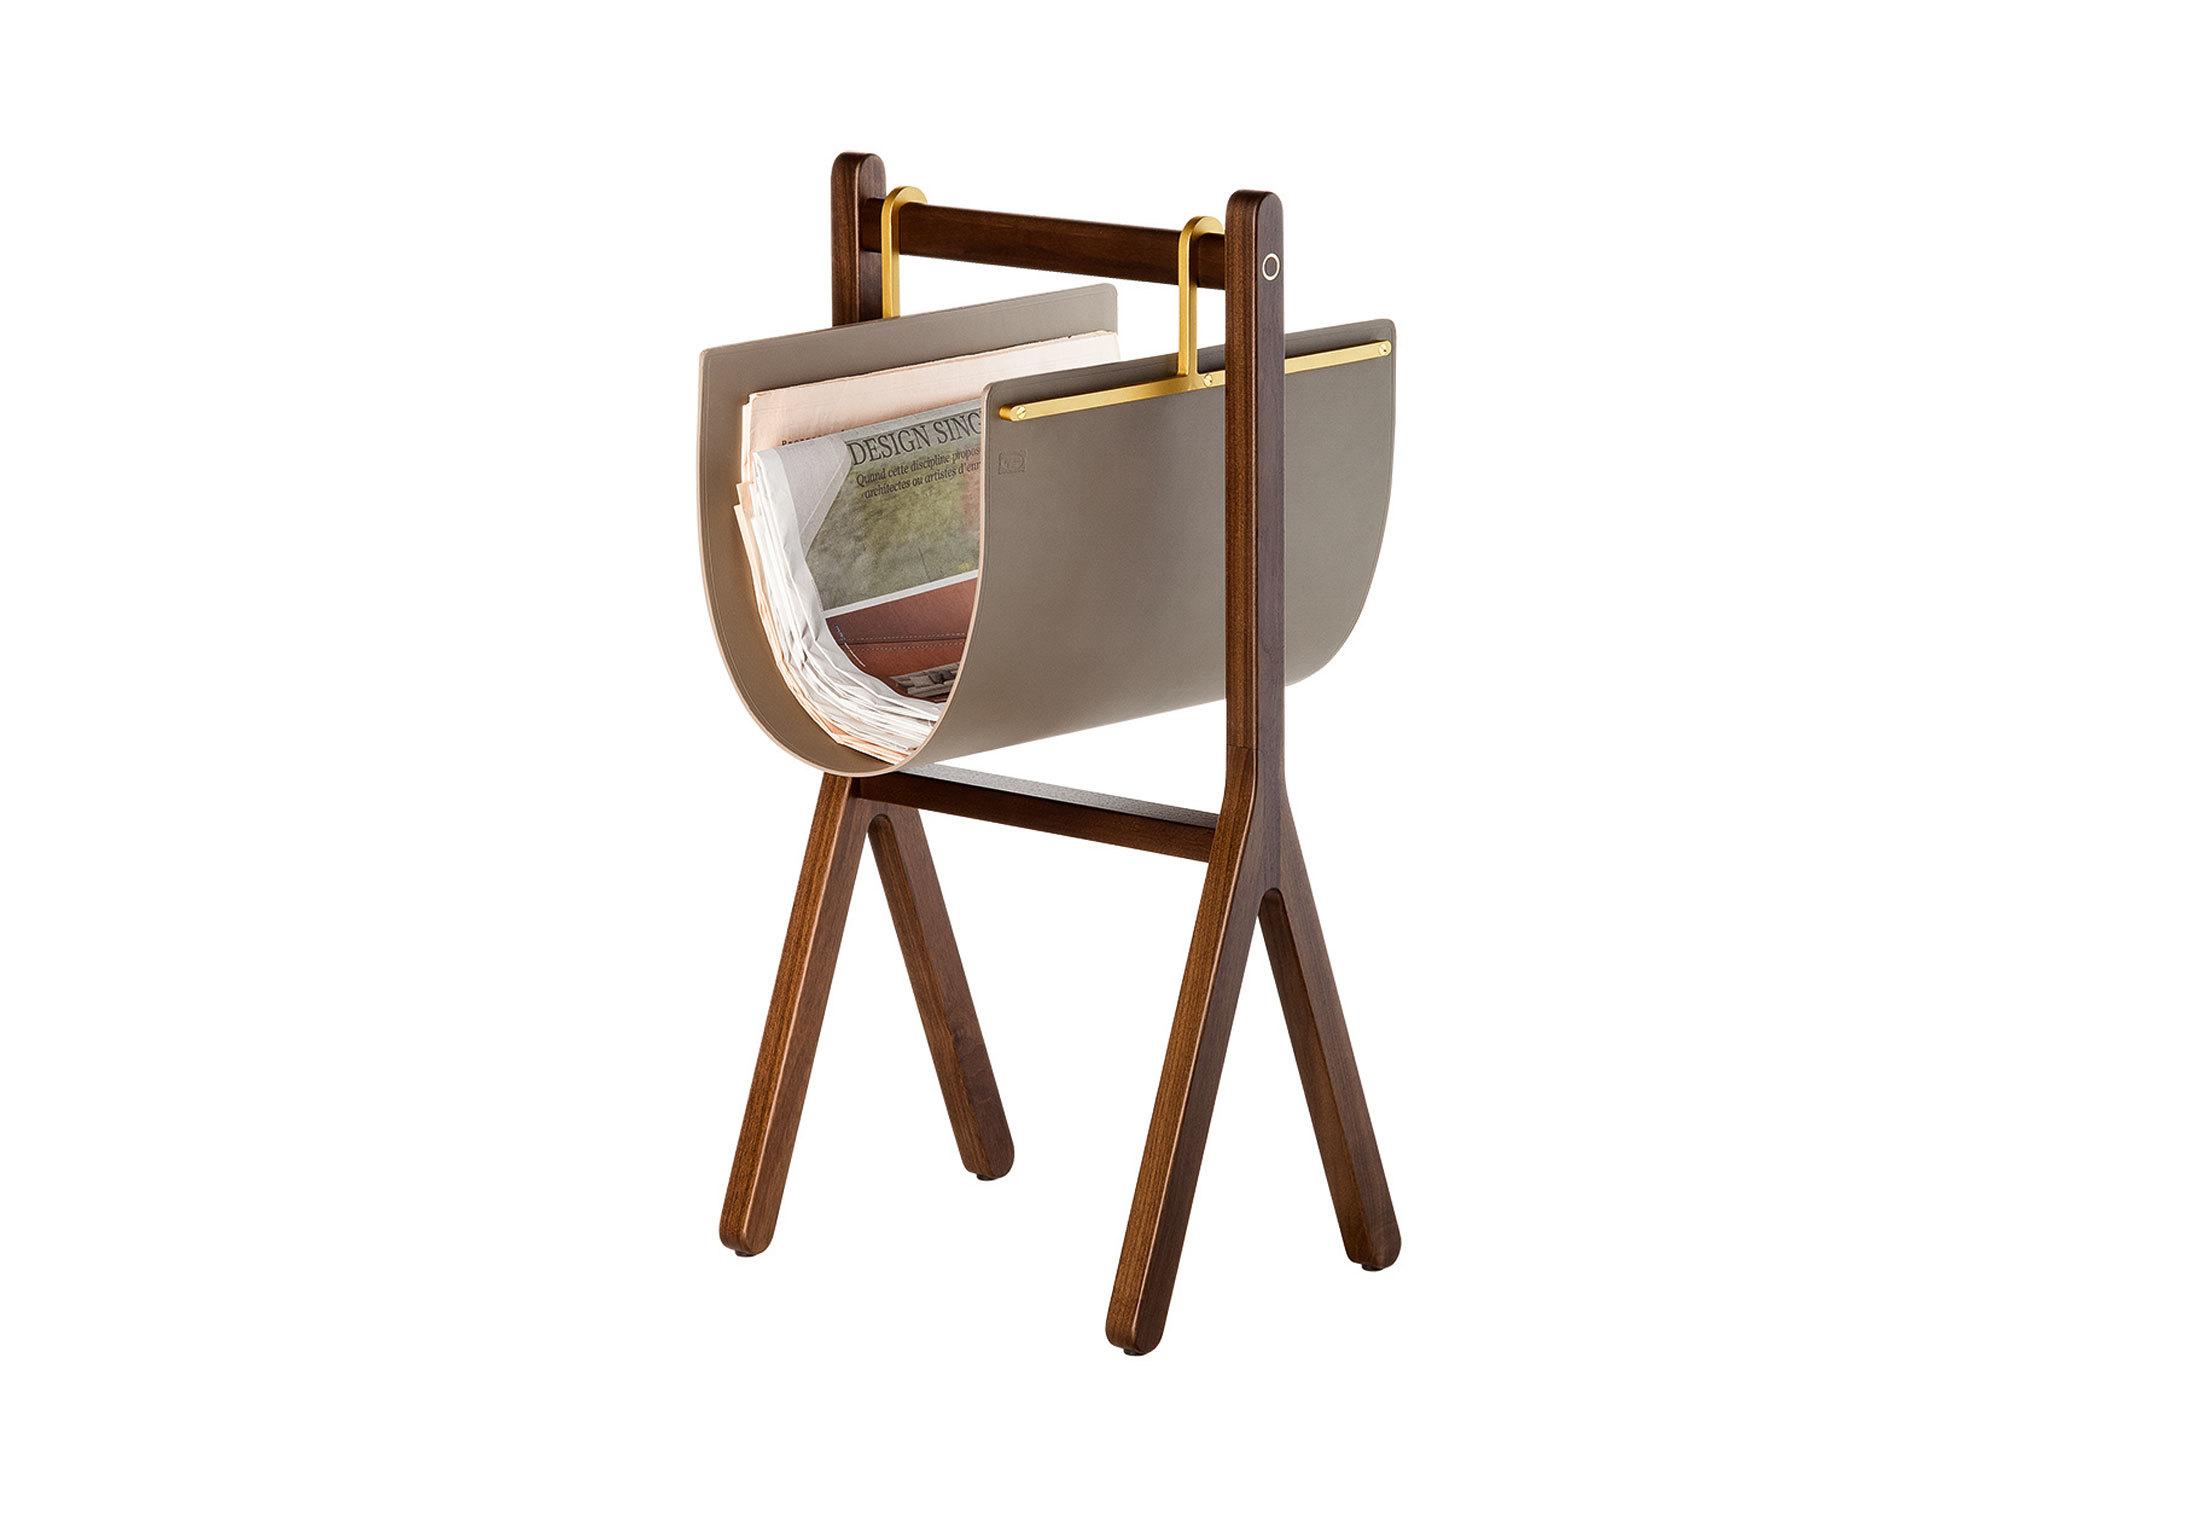 ren zeitschriftenst nder von poltrona frau stylepark. Black Bedroom Furniture Sets. Home Design Ideas